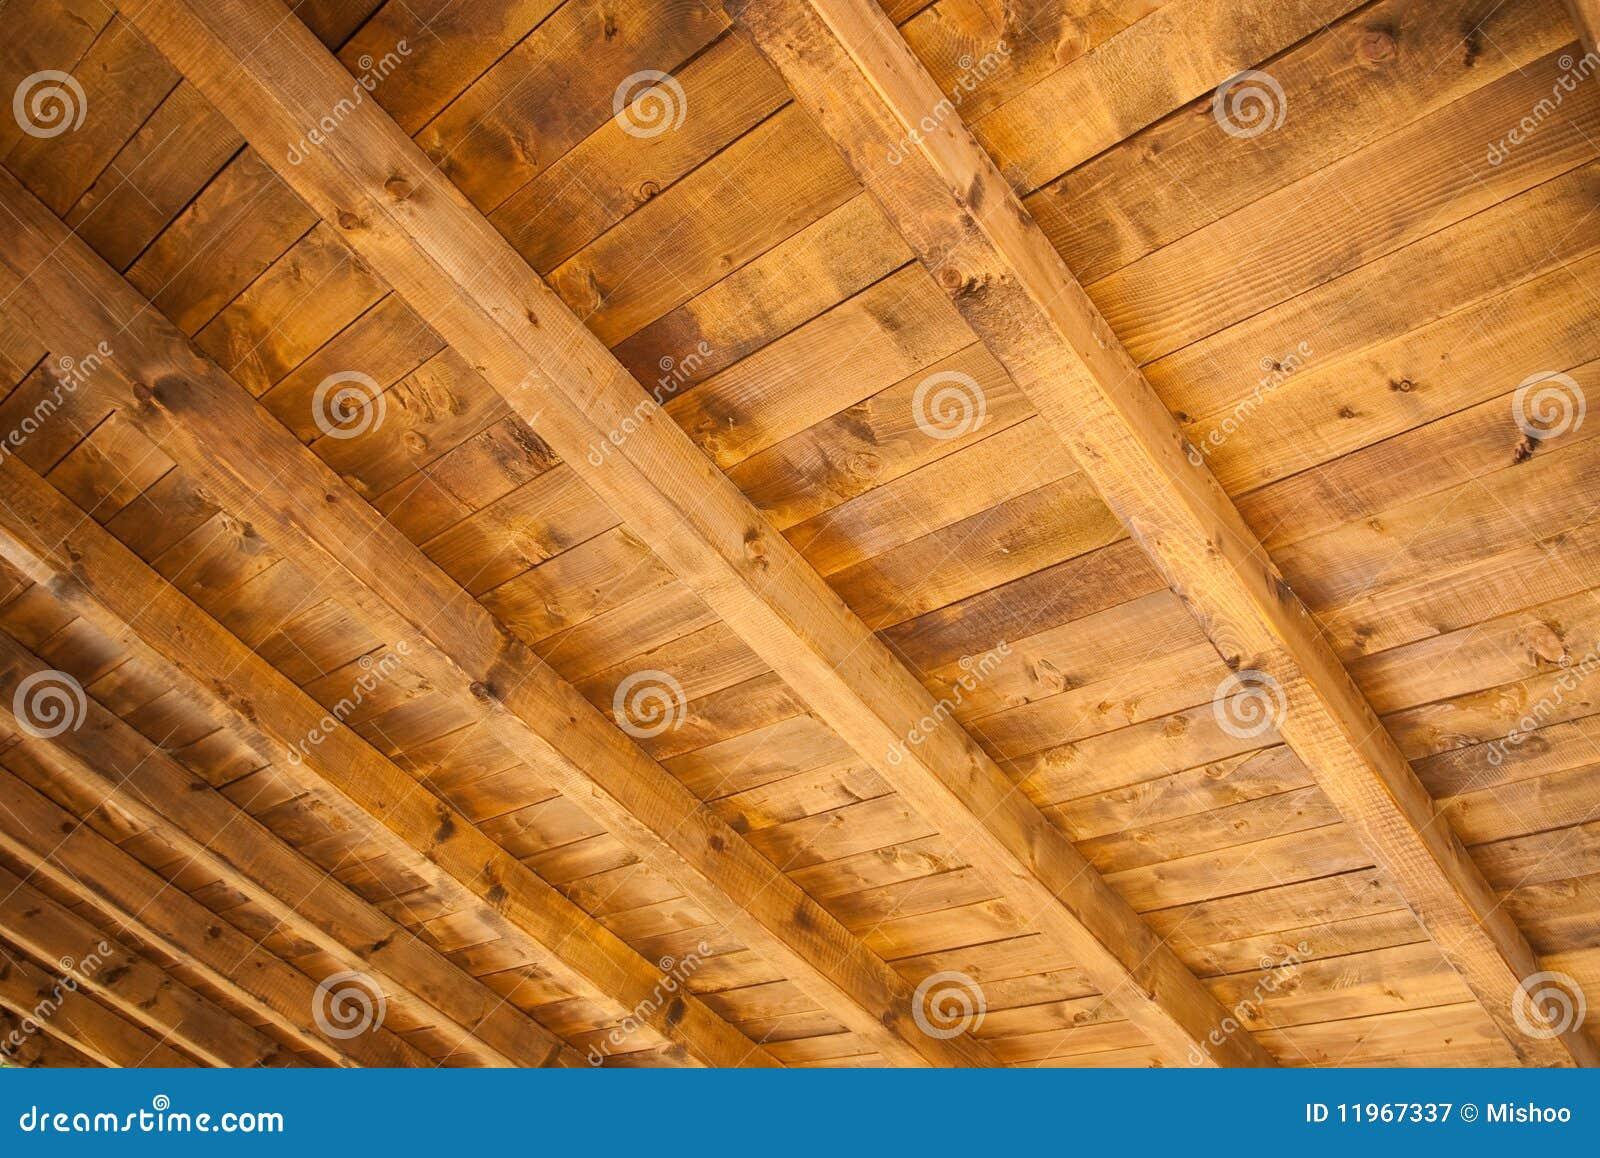 Houten plafond stock afbeelding afbeelding bestaande uit wijd 11967337 - Houten balkenplafond ...